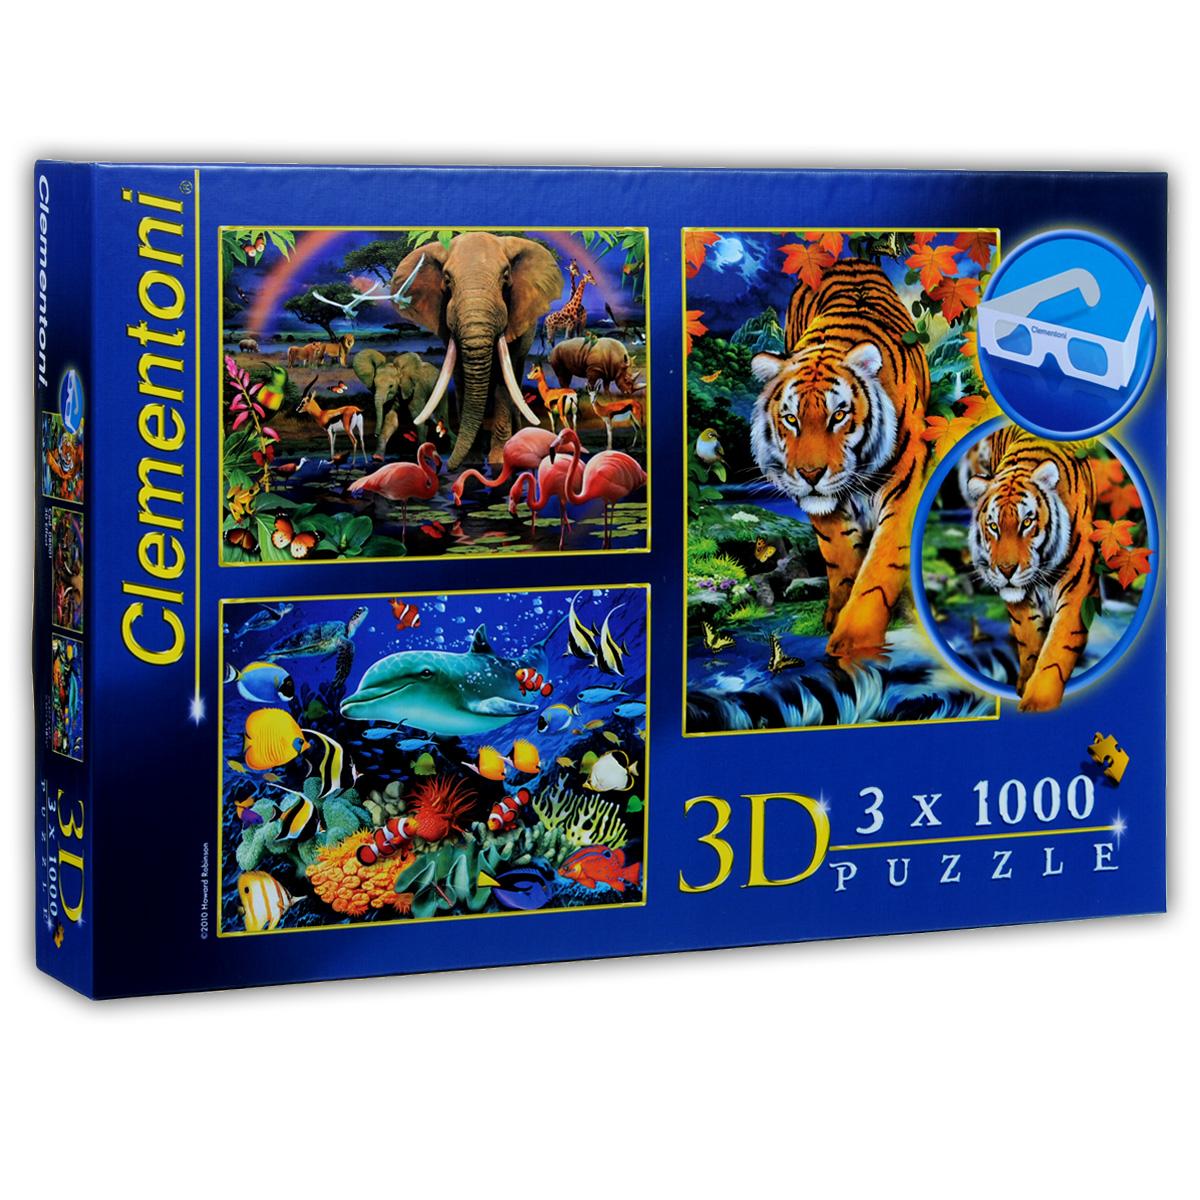 Ховард Робинсон. Пазл с 3D-эффектом, 3 х 1000 элементов08001Пазлы с 3D-эффектом из коллекции знаменитого английского художника Ховарда Робинсона, без сомнения, придутся по душе вашему ребенку. Собрав пазлы, включающие в себя 3000 элементов, он получит три ярких цветных картинки с изображением живой природы Африки. На протяжении 36 лет художник создаёт красочные шедевры, многие из которых используются, как фоновые изображения для телевизионных шоу и голливудских фильмов! Теперь у вас появилась редкая возможность воссоздать его шедевры. В комплект входят 3D очки. Пазлы - прекрасное антистрессовое средство и замечательная развивающая игра для детей. Собирание пазла развивает у ребенка мелкую моторику рук, тренирует наблюдательность, логическое мышление, учит усидчивости и терпению, аккуратности и вниманию.